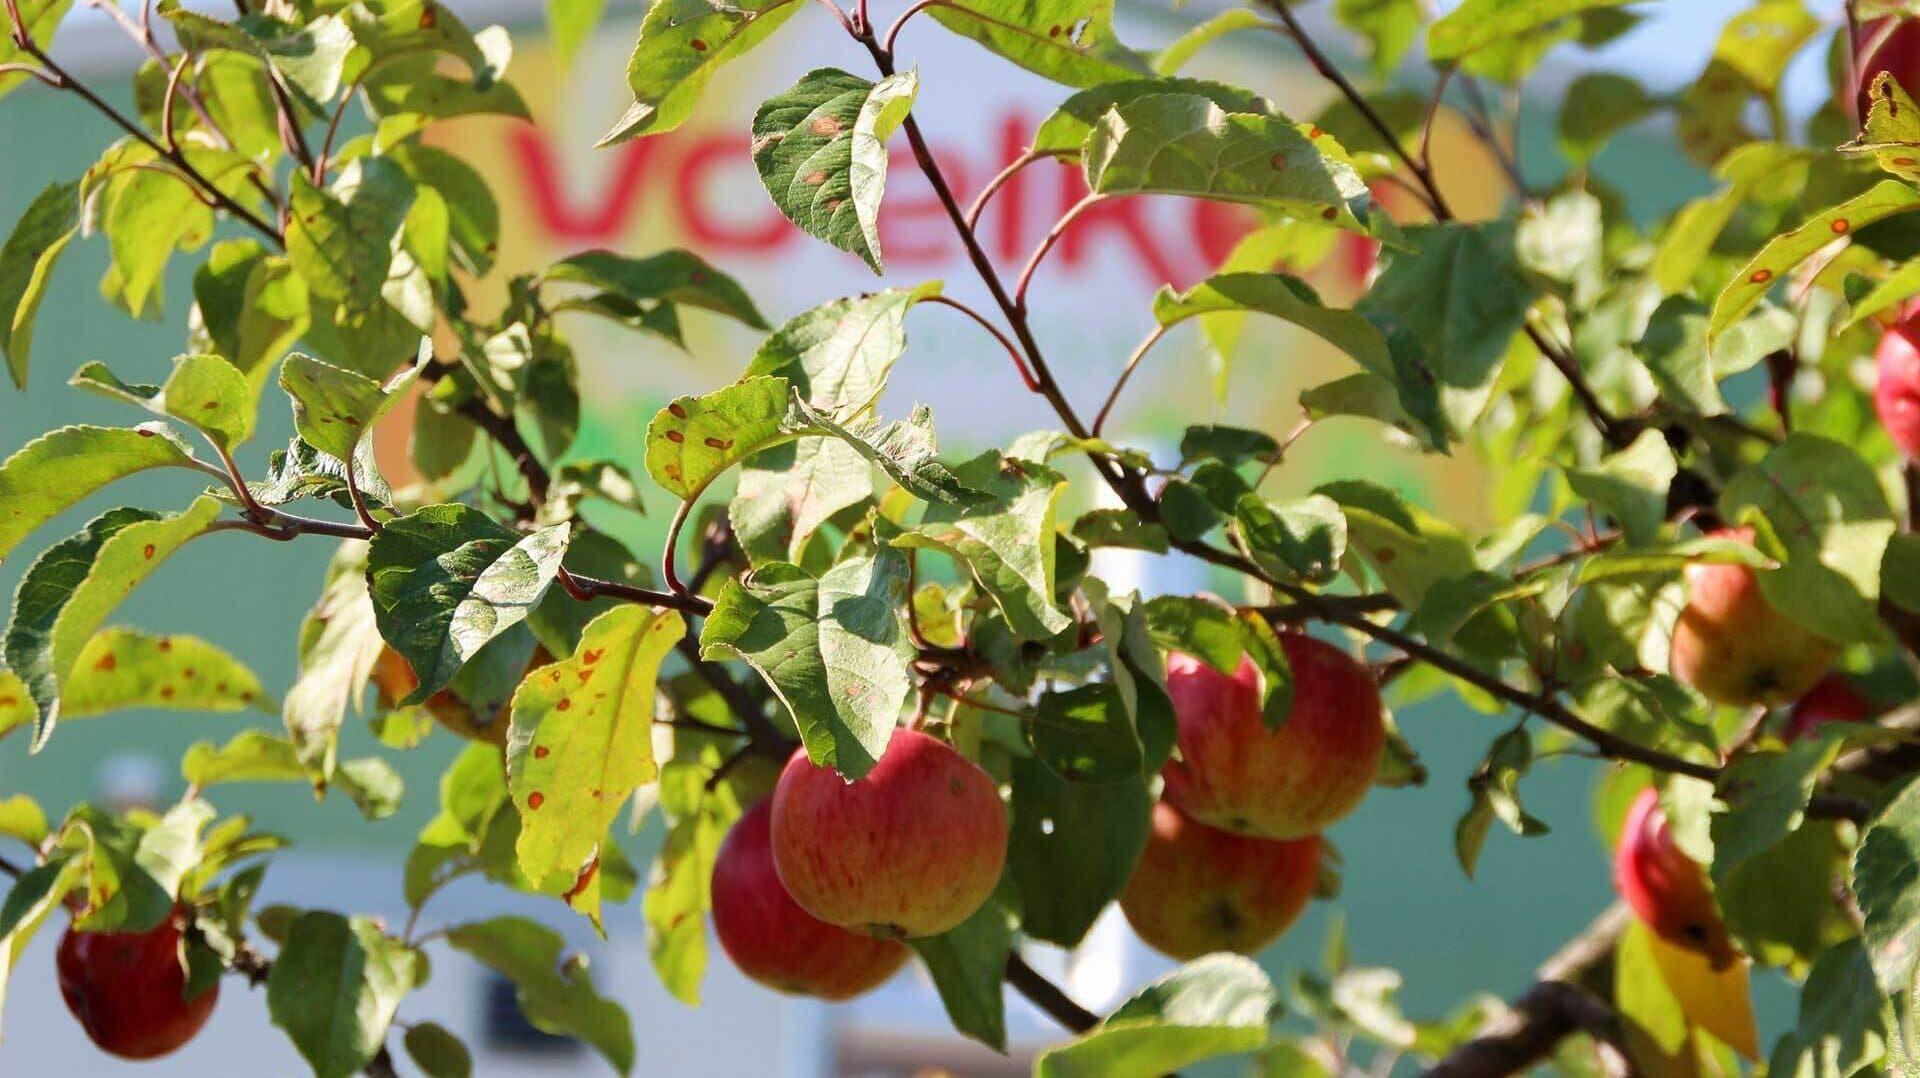 Voelkels Produktionshalle durch das Geäst eines Apfelbaums hindurch fotografiert